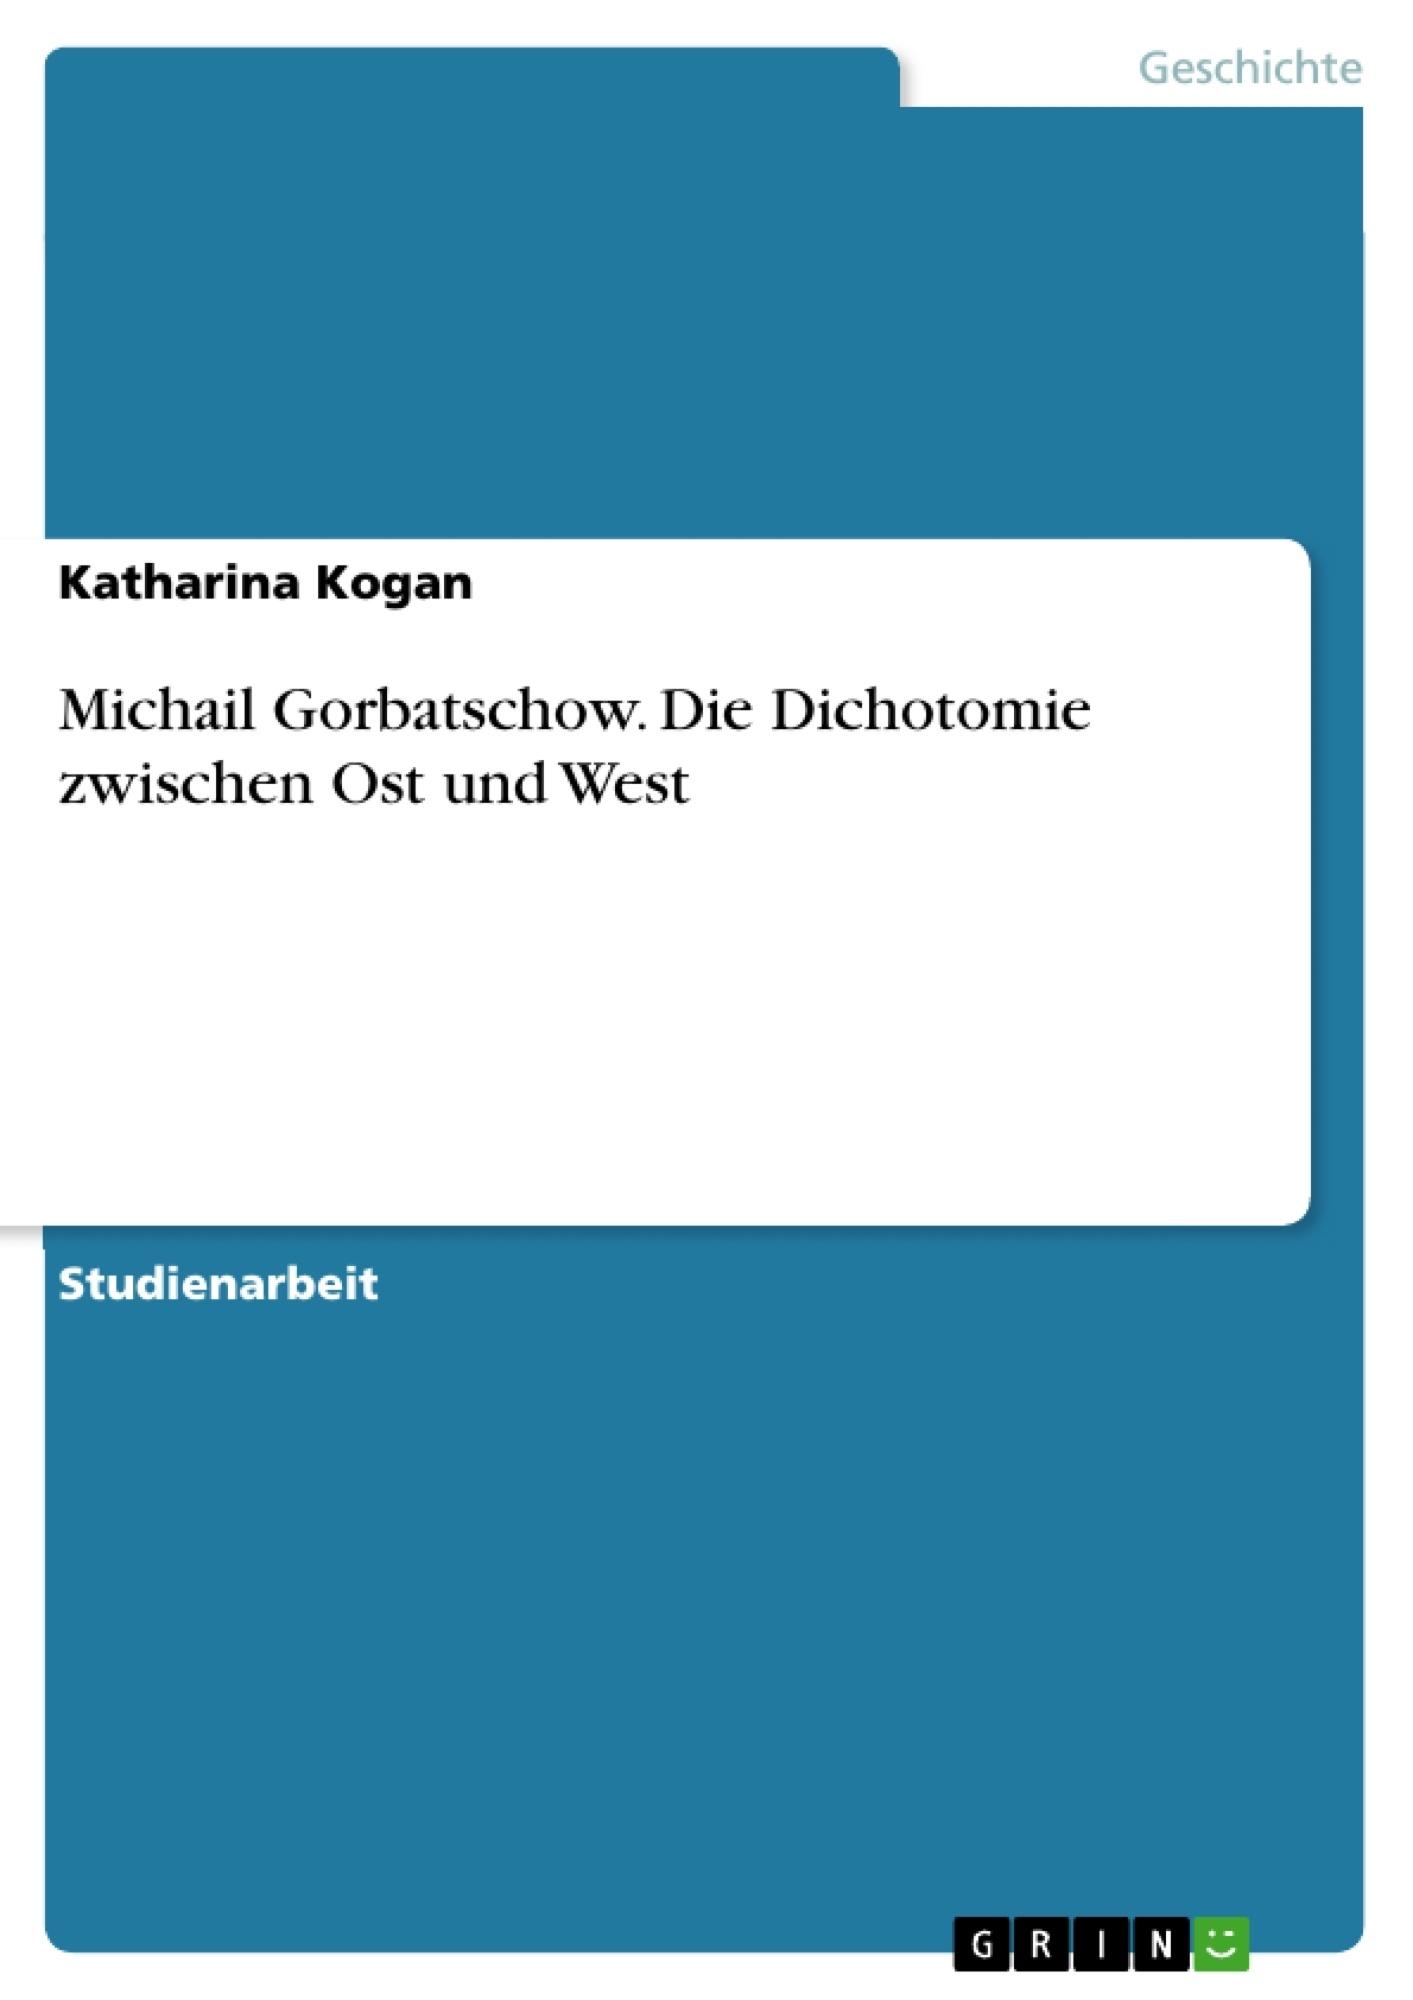 Titel: Michail Gorbatschow. Die Dichotomie zwischen Ost und West